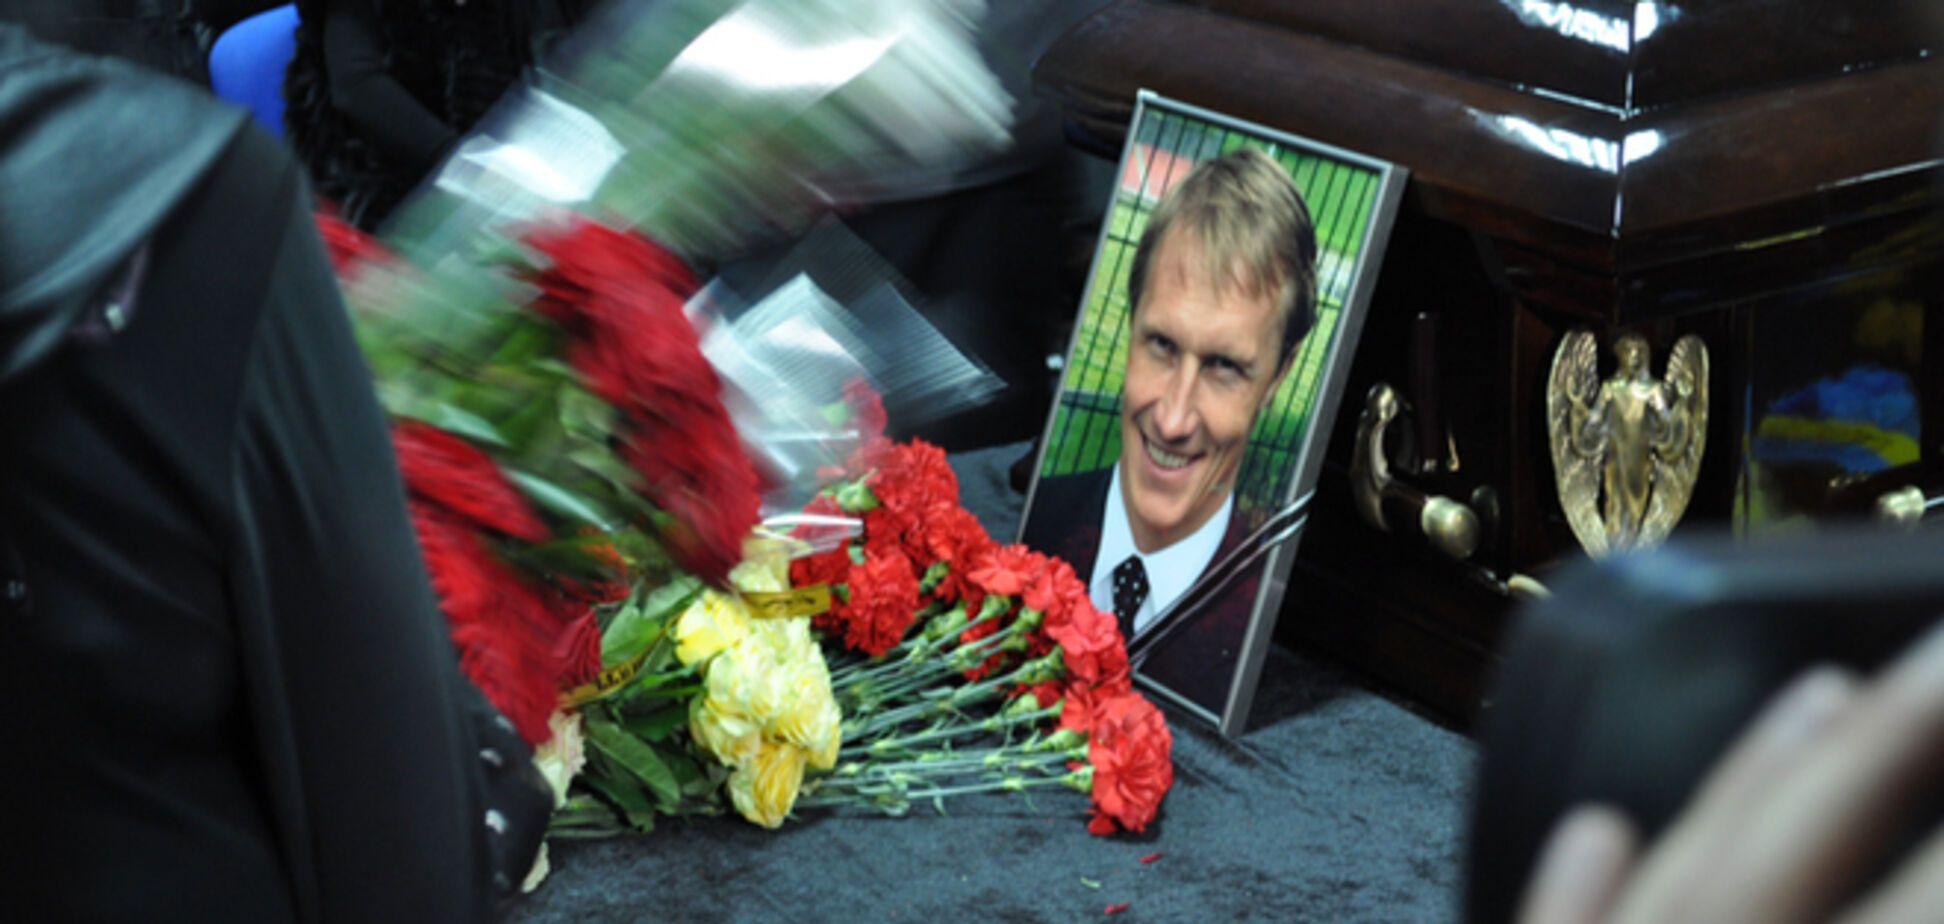 Прощай, Андрей. Киев проводил в последний путь Гусина